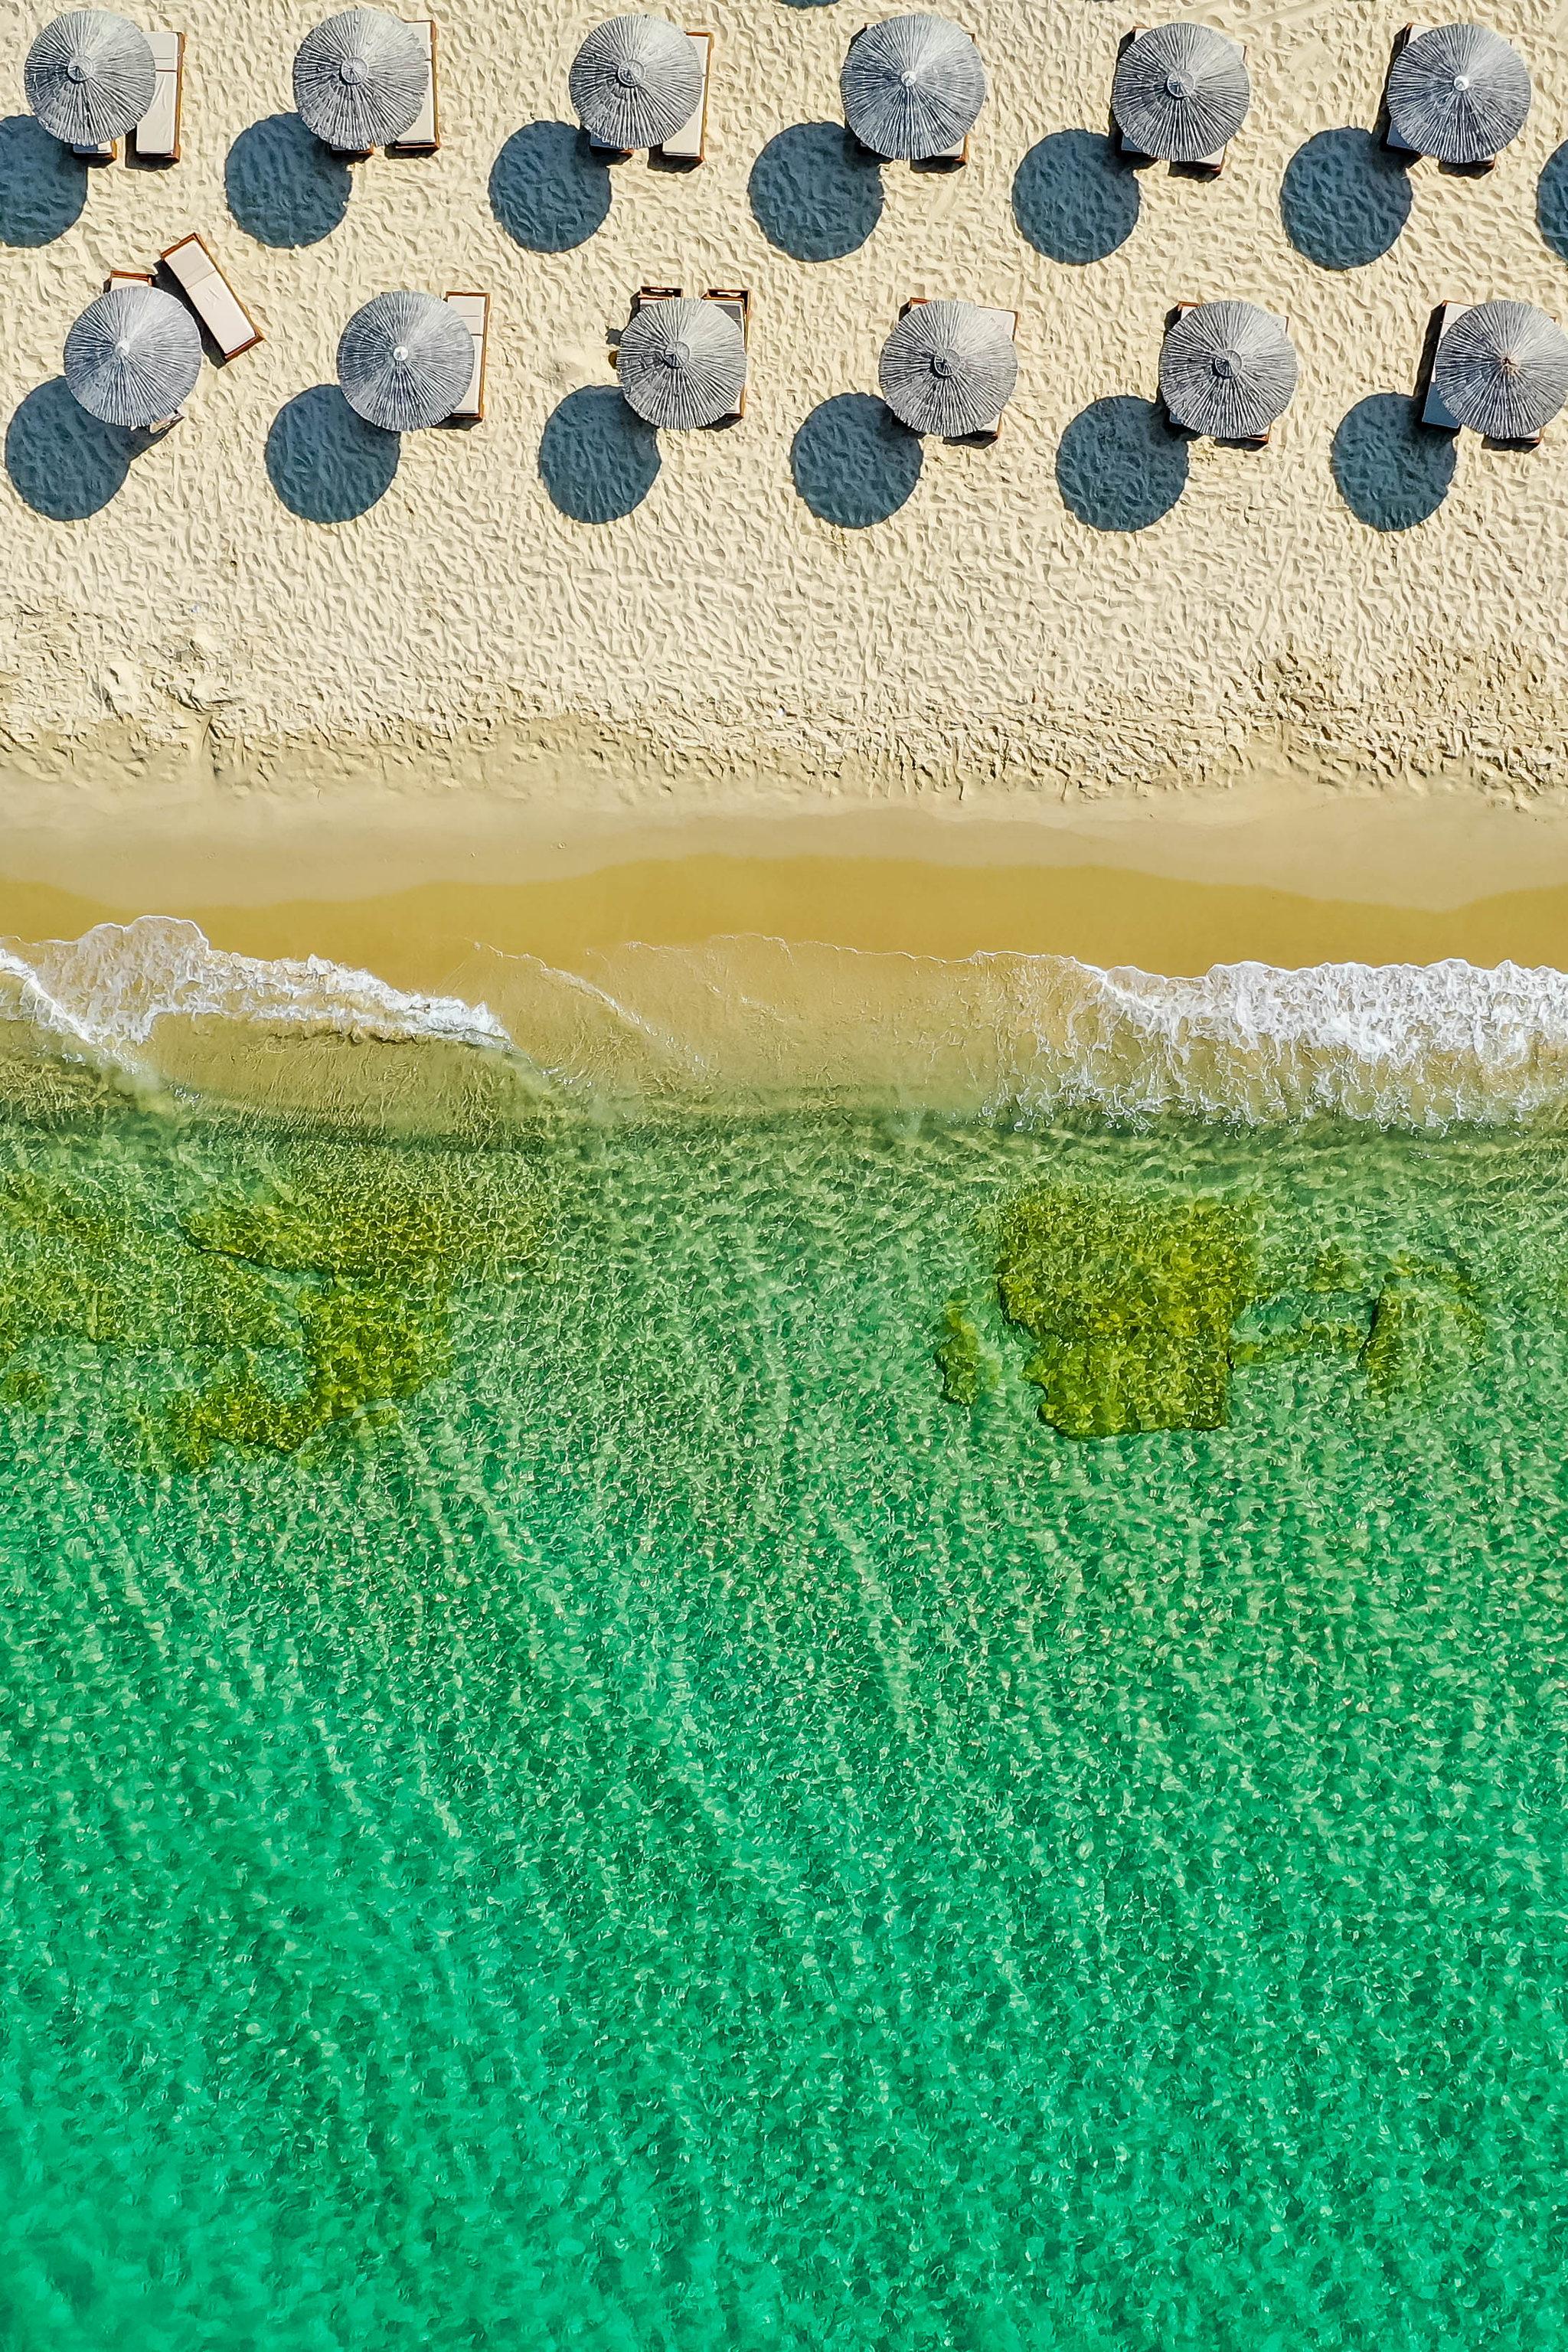 142421壁紙のダウンロード自然, 傘, ビーチ, 上から見る, 海, 海岸-スクリーンセーバーと写真を無料で